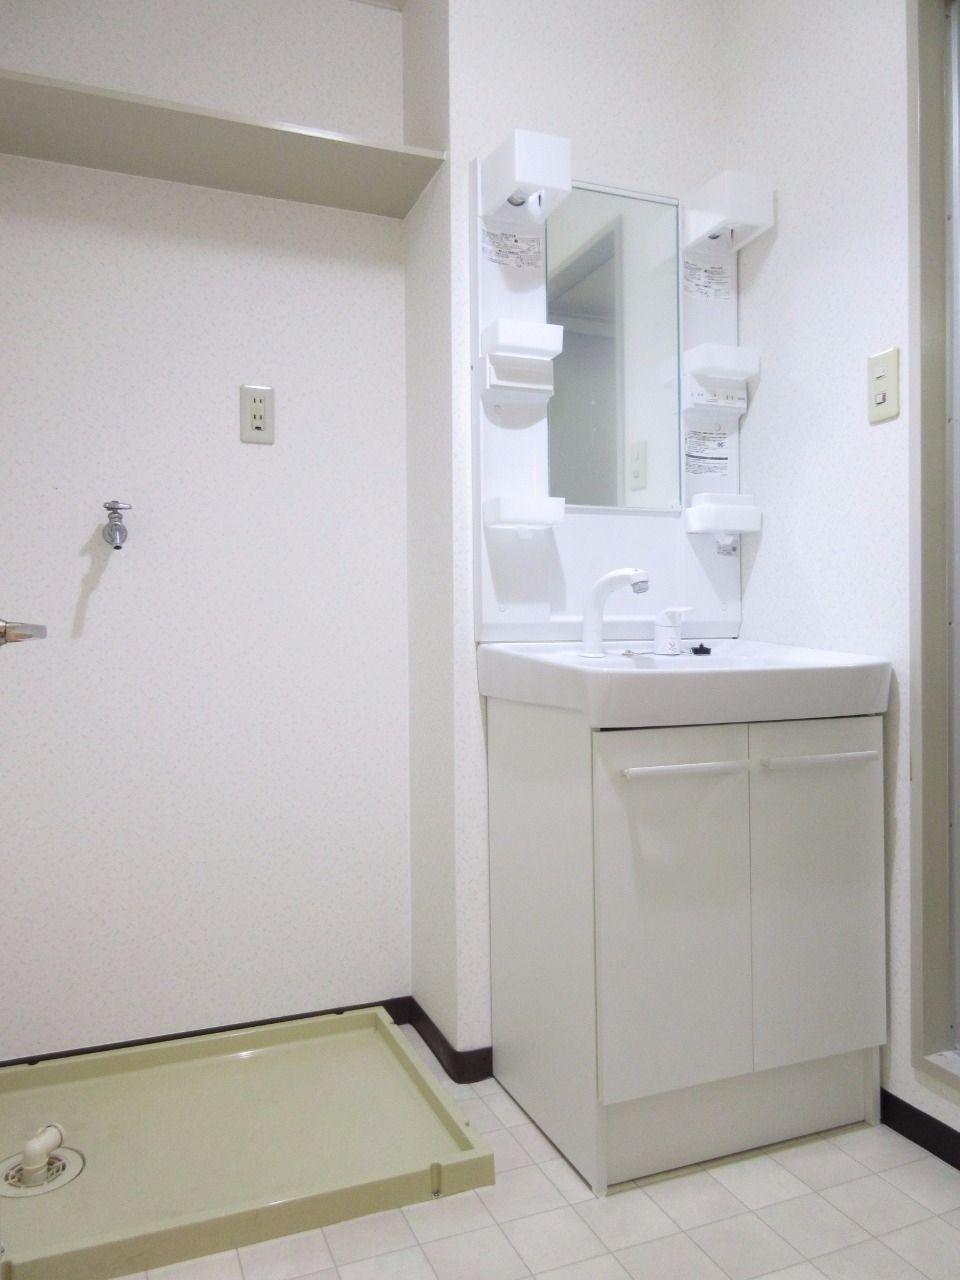 新品の独立洗面台&防水洗濯パンが標準装備です